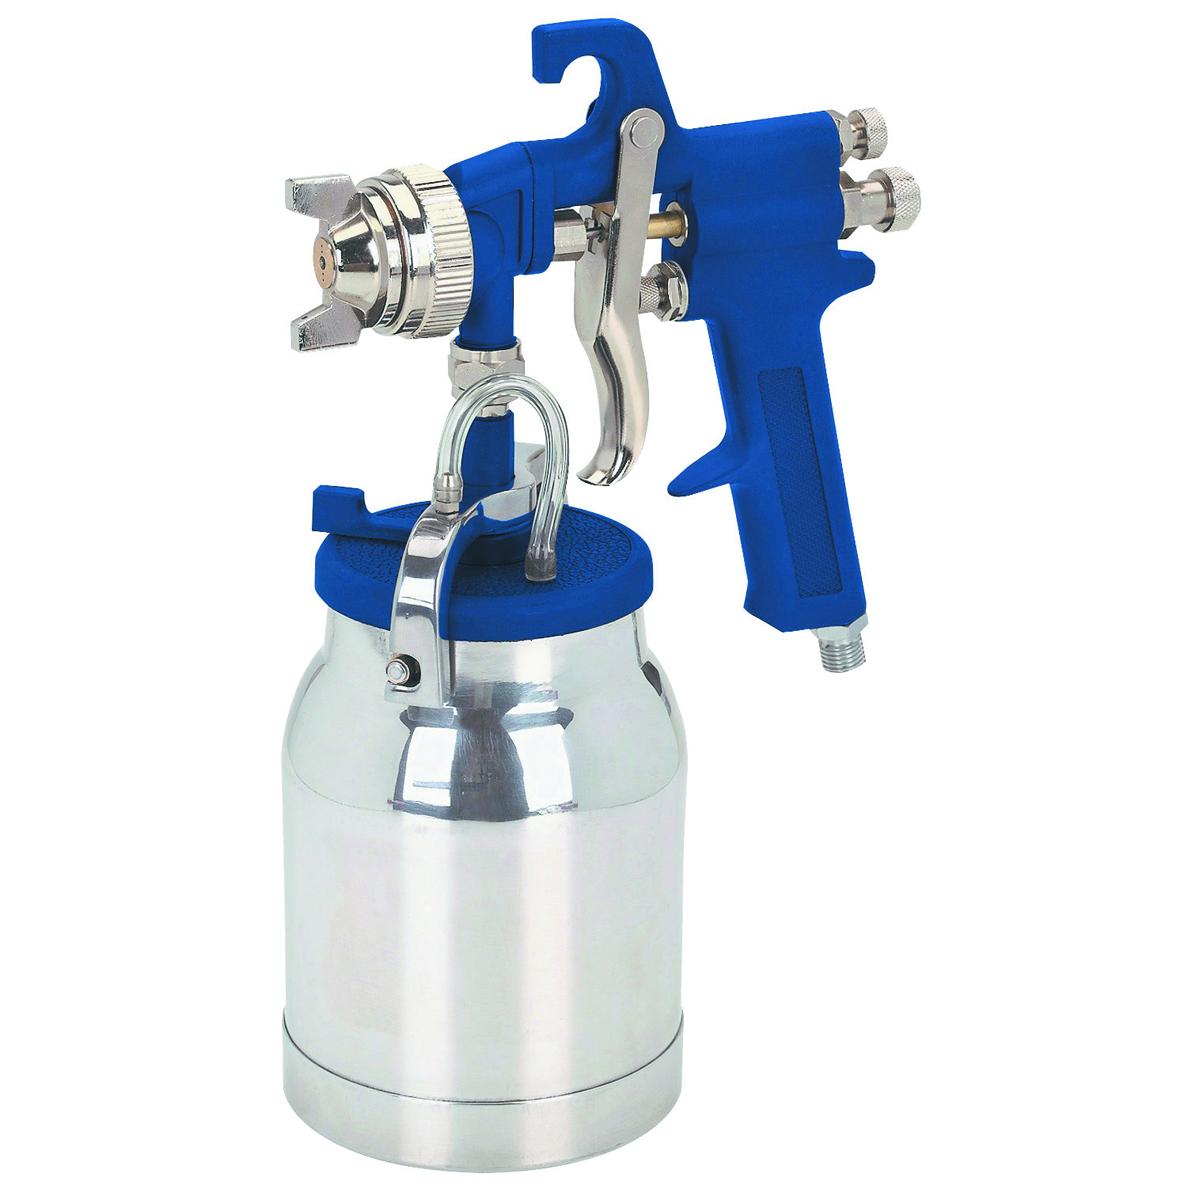 Lightweight High Pressure Spray Gun